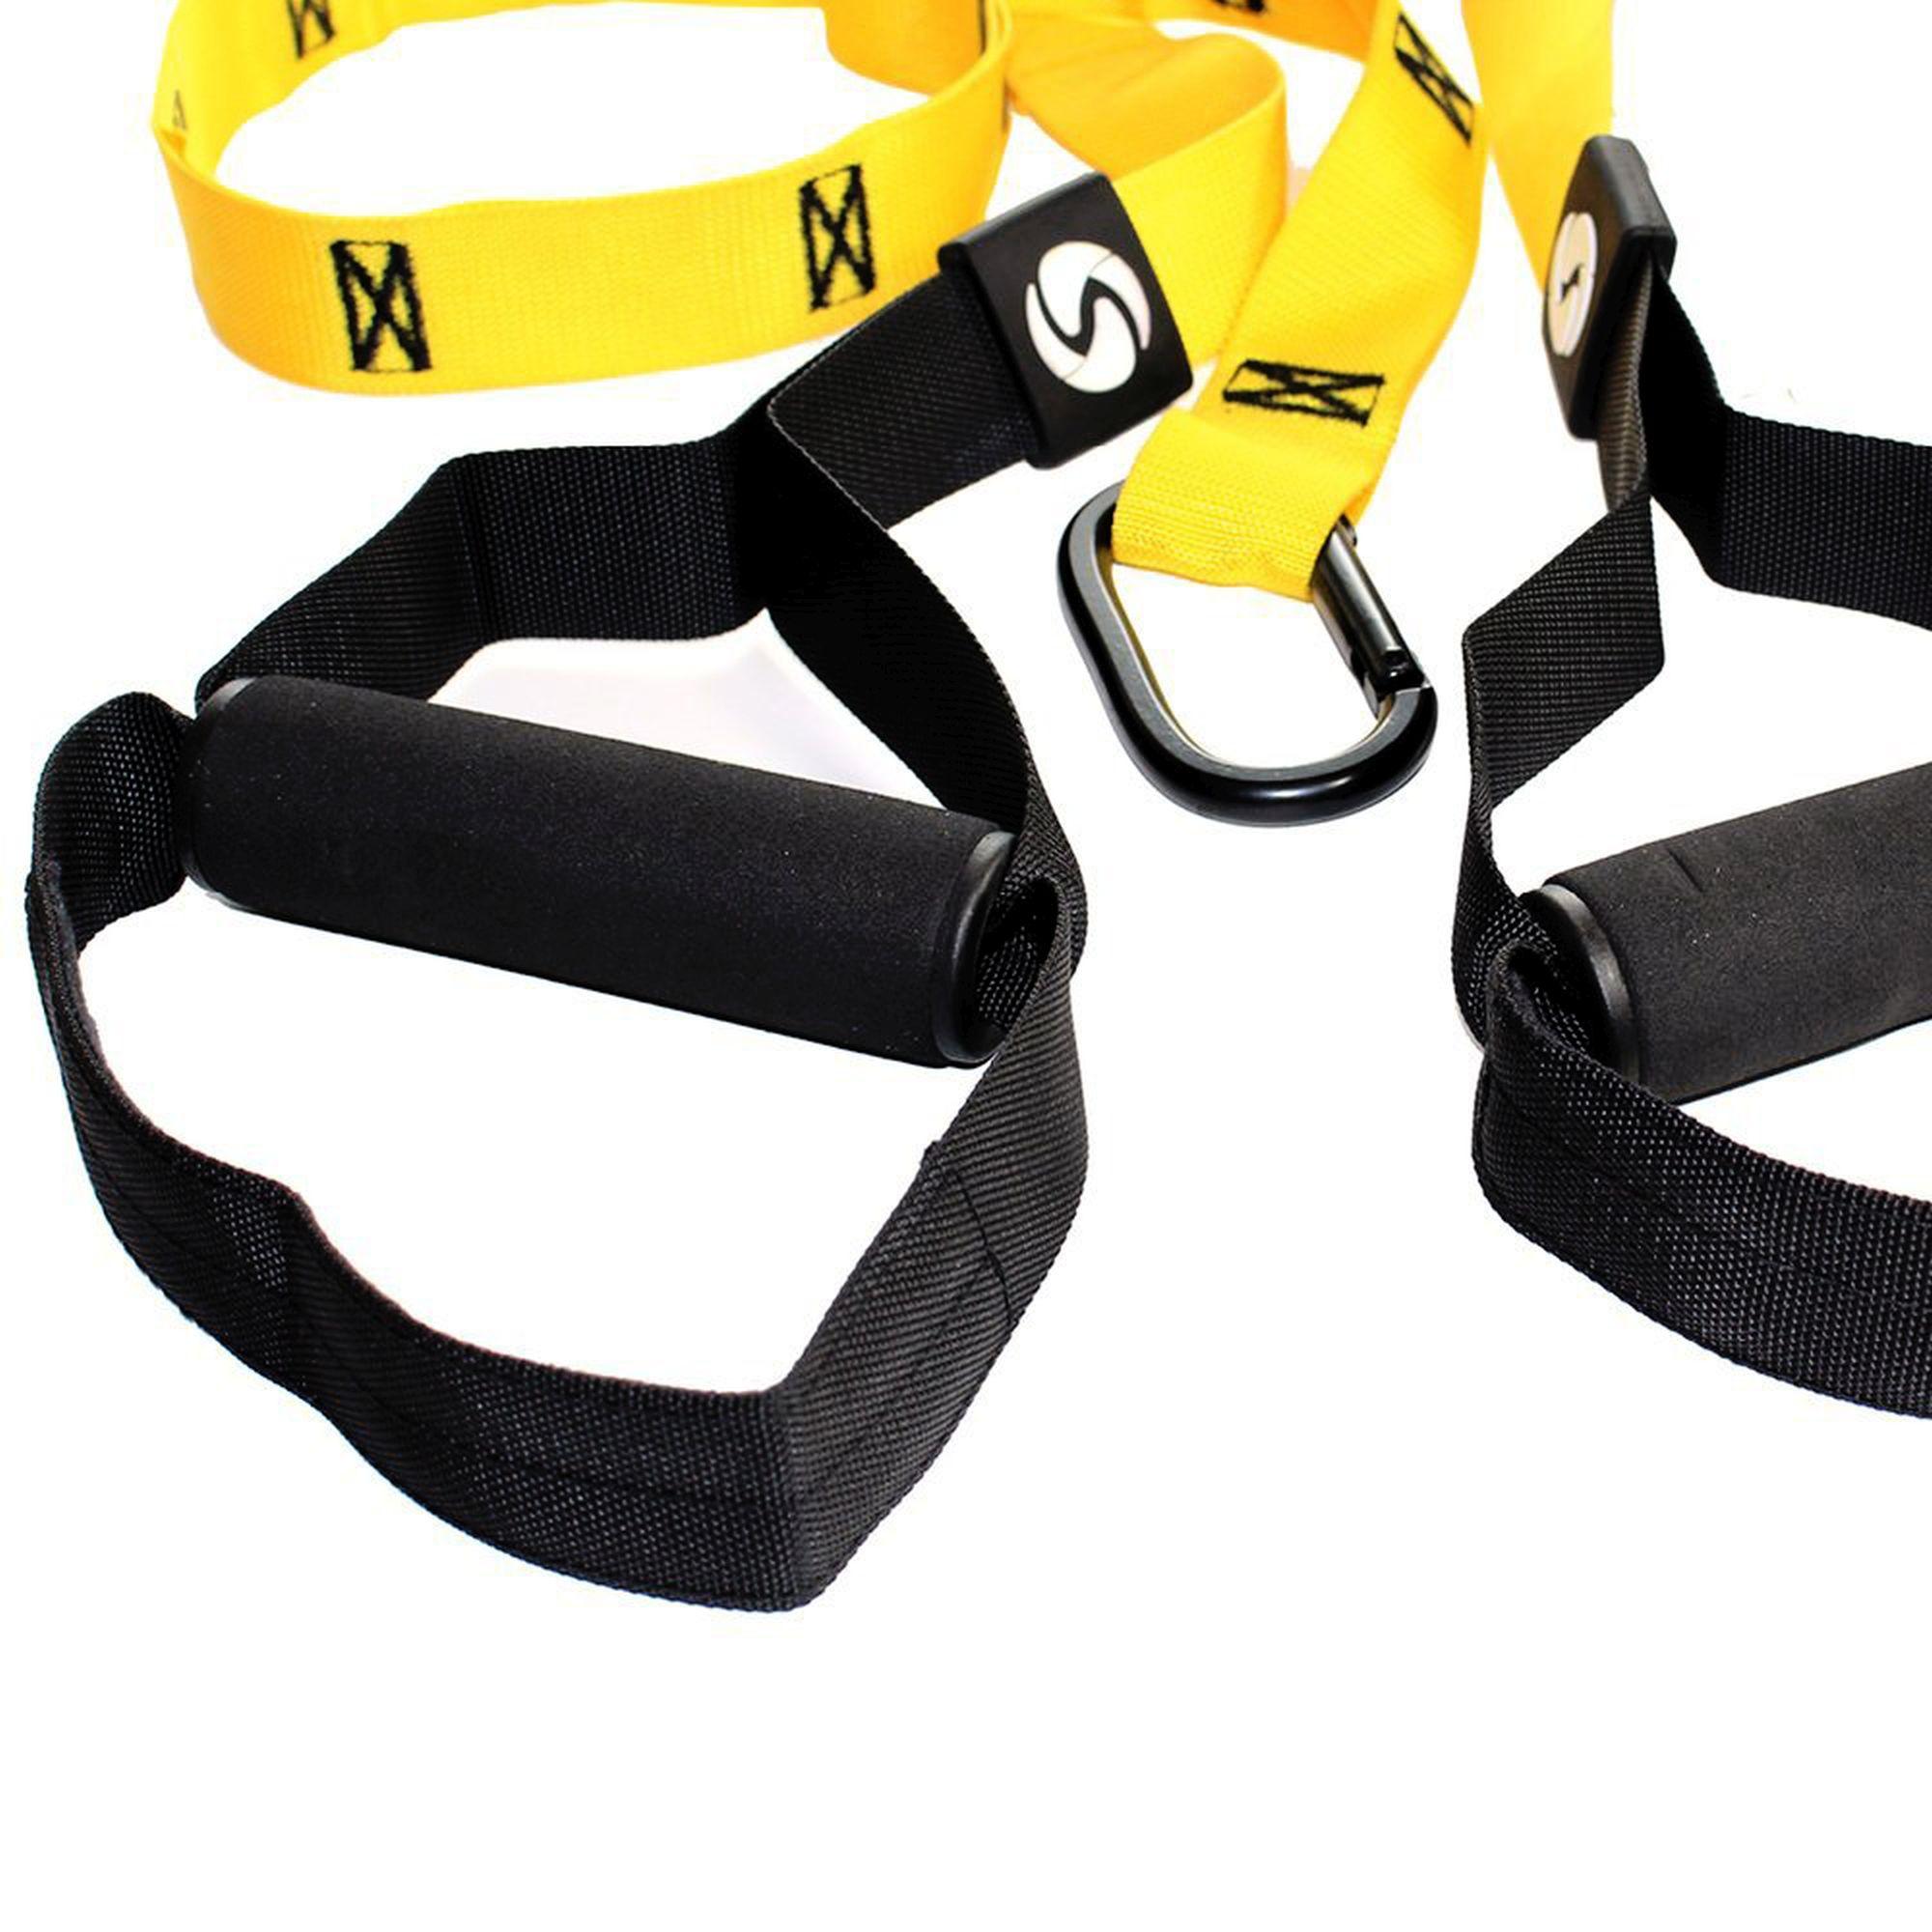 premium schlingentrainer sling trainer pro von sportastisch. Black Bedroom Furniture Sets. Home Design Ideas